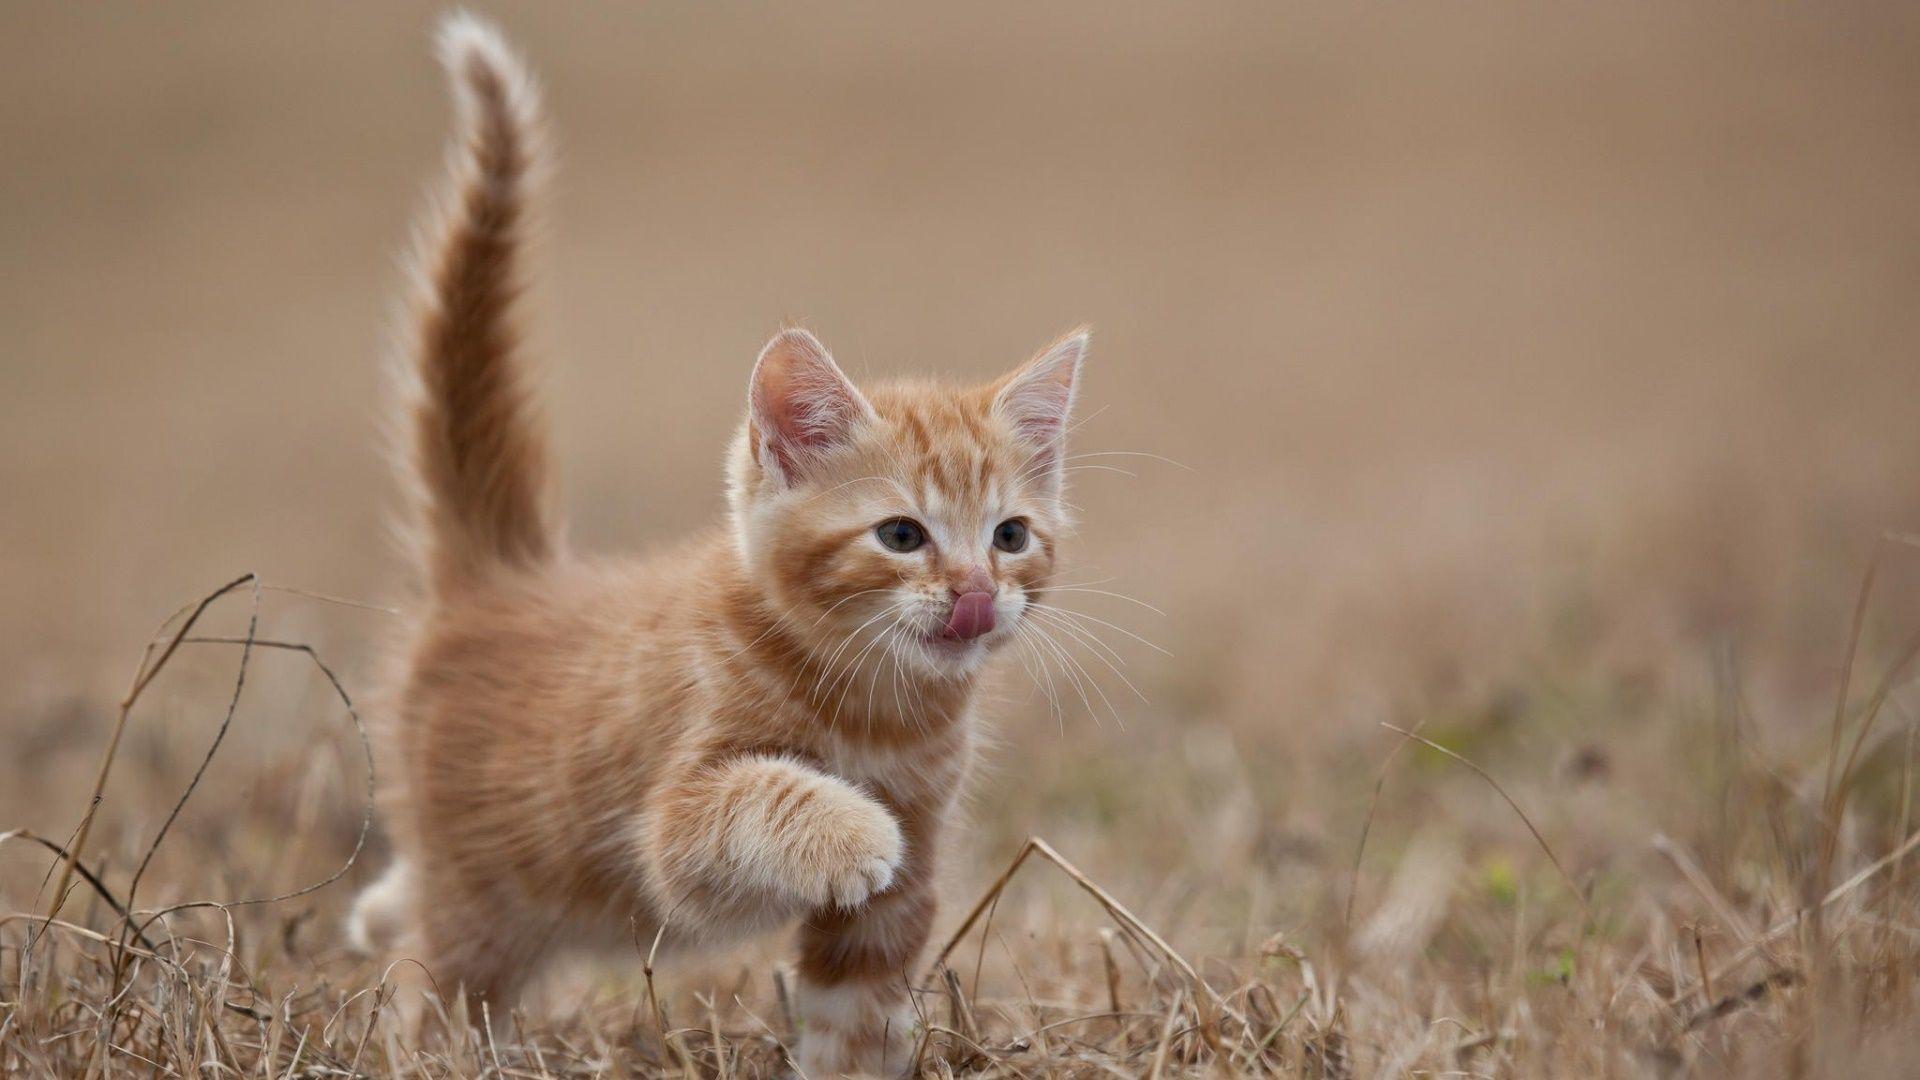 8 Mignons Chatons 8 Cute Kittens Voyage Onirique En 2020 Animaux Les Plus Mignons Animal Domestique Animales